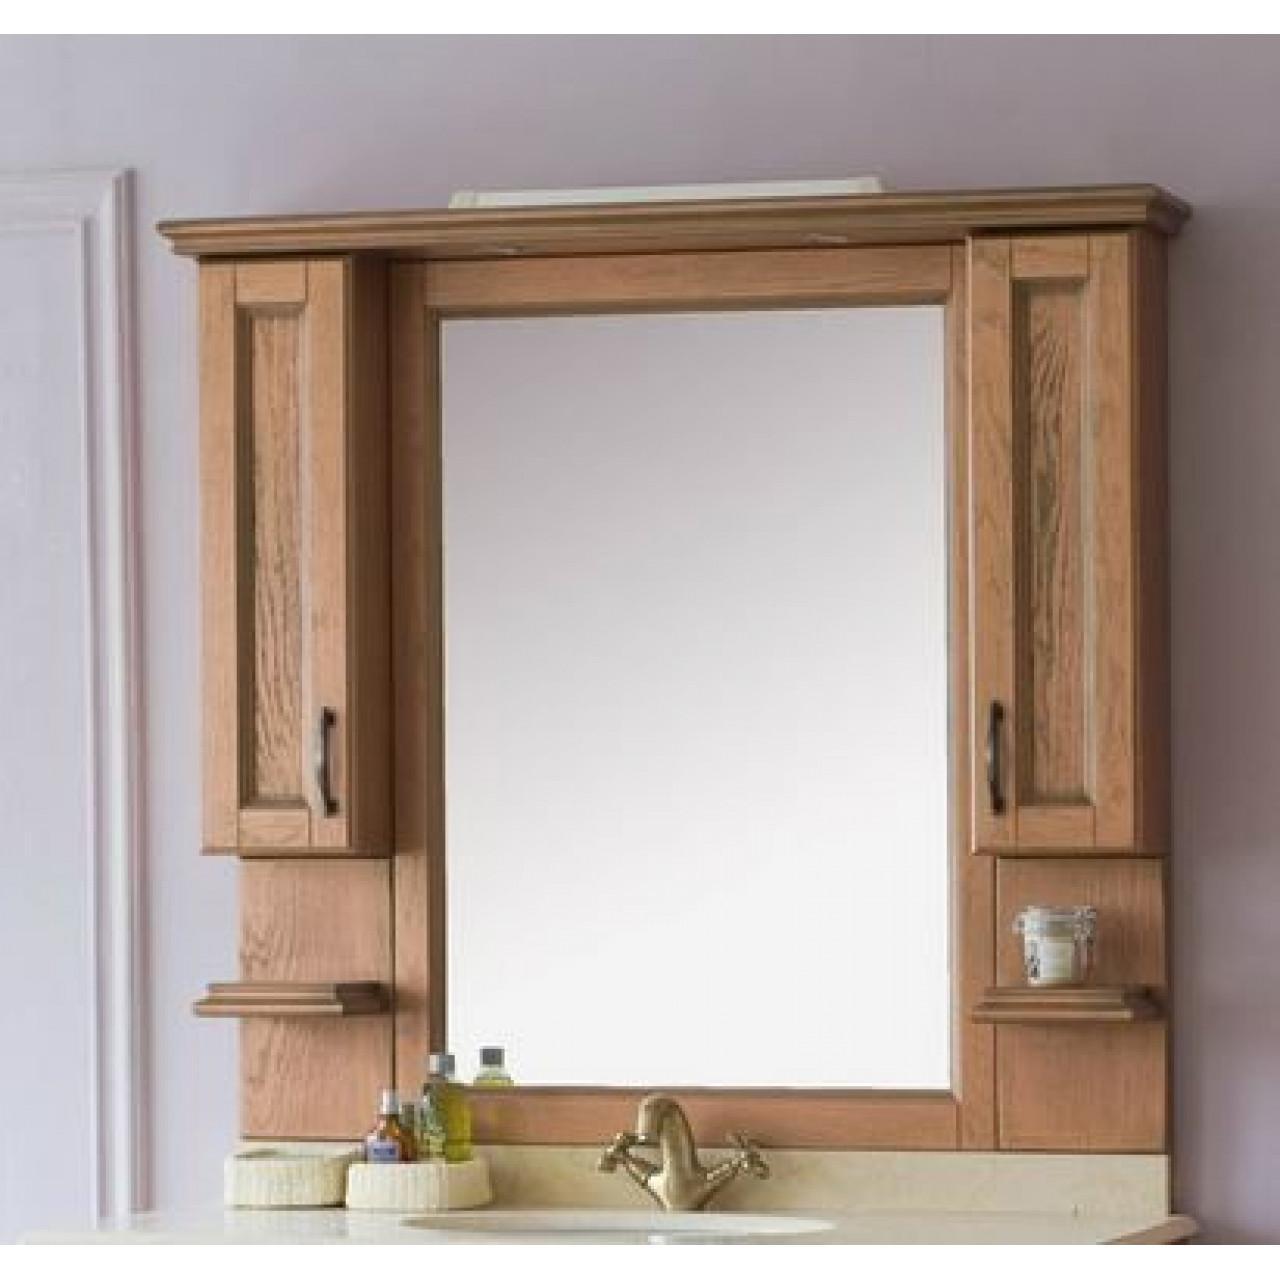 Зеркало-шкаф Аллигатор Вито 120M (D) купить в Москве по цене от 47000р. в интернет-магазине mebel-v-vannu.ru